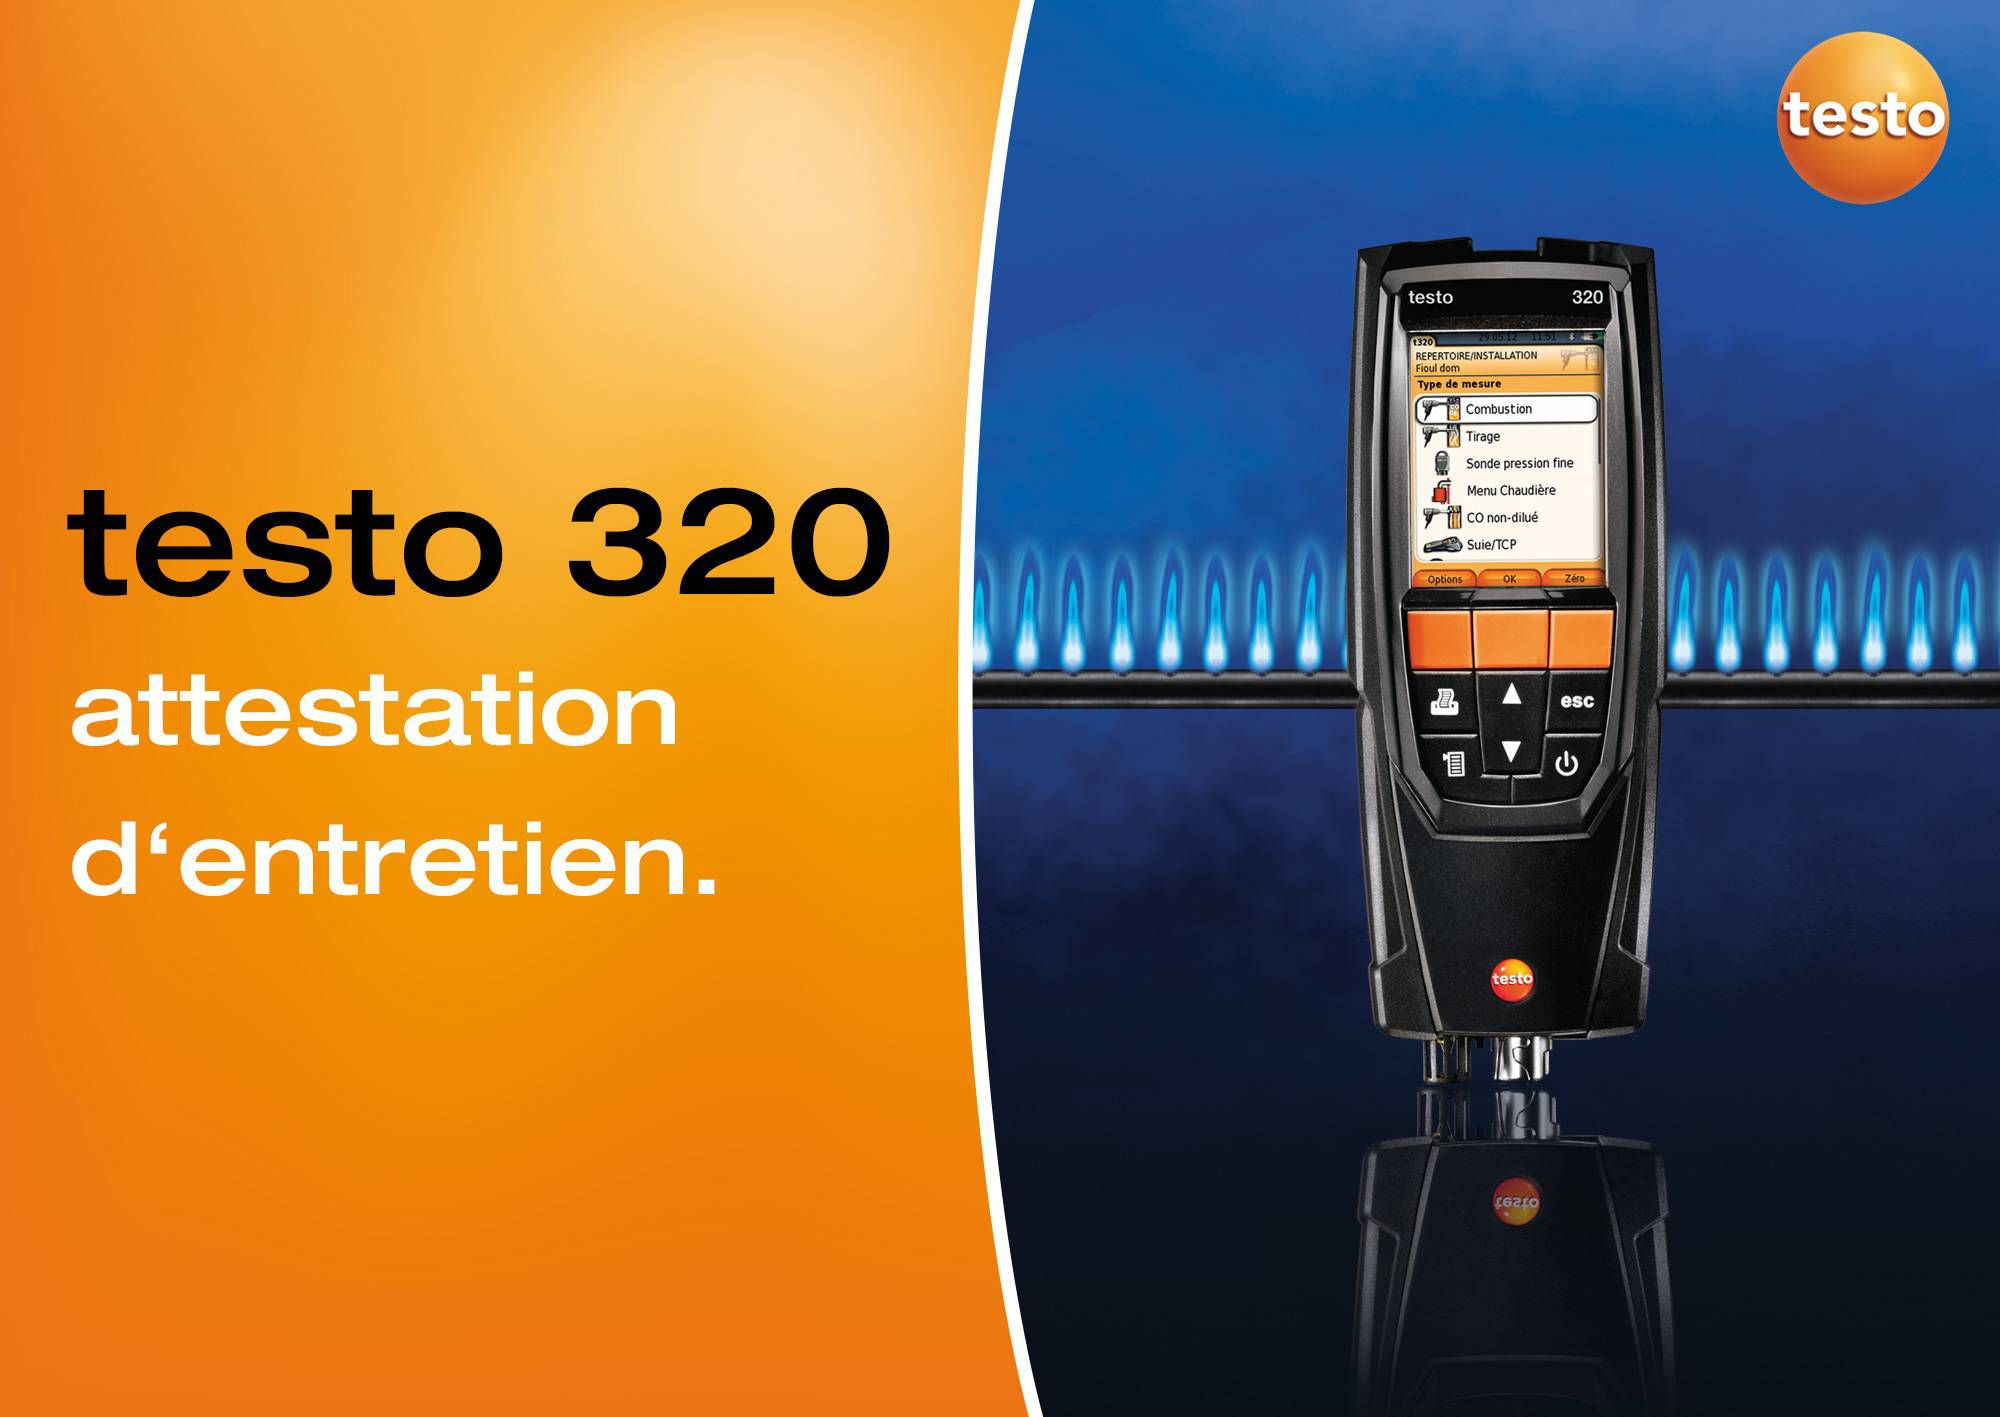 Tutoriel vidéo édition de l'attestation d'entretien de l'analyseur de combustion testo 320.